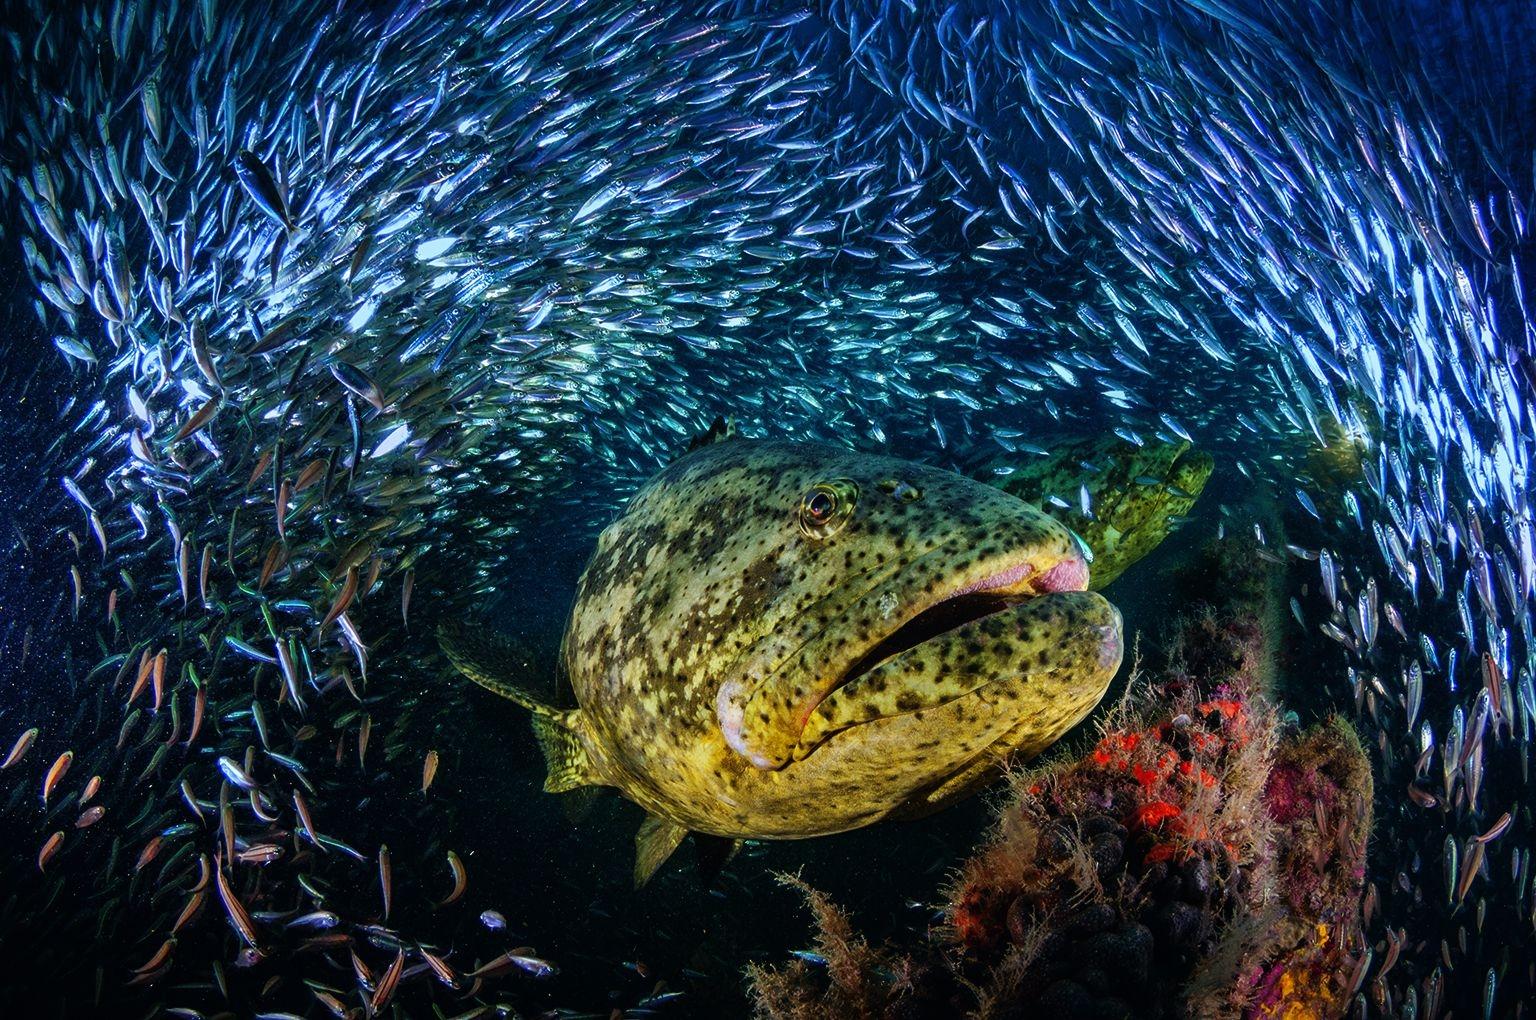 佛羅里達外海的一艘二次大戰沉船上,伊氏石斑魚從多如雪花的餌料魚之間現身。攝影:大衛.都必烈、珍妮佛.海斯 David Doubilet and Jennifer Hayes